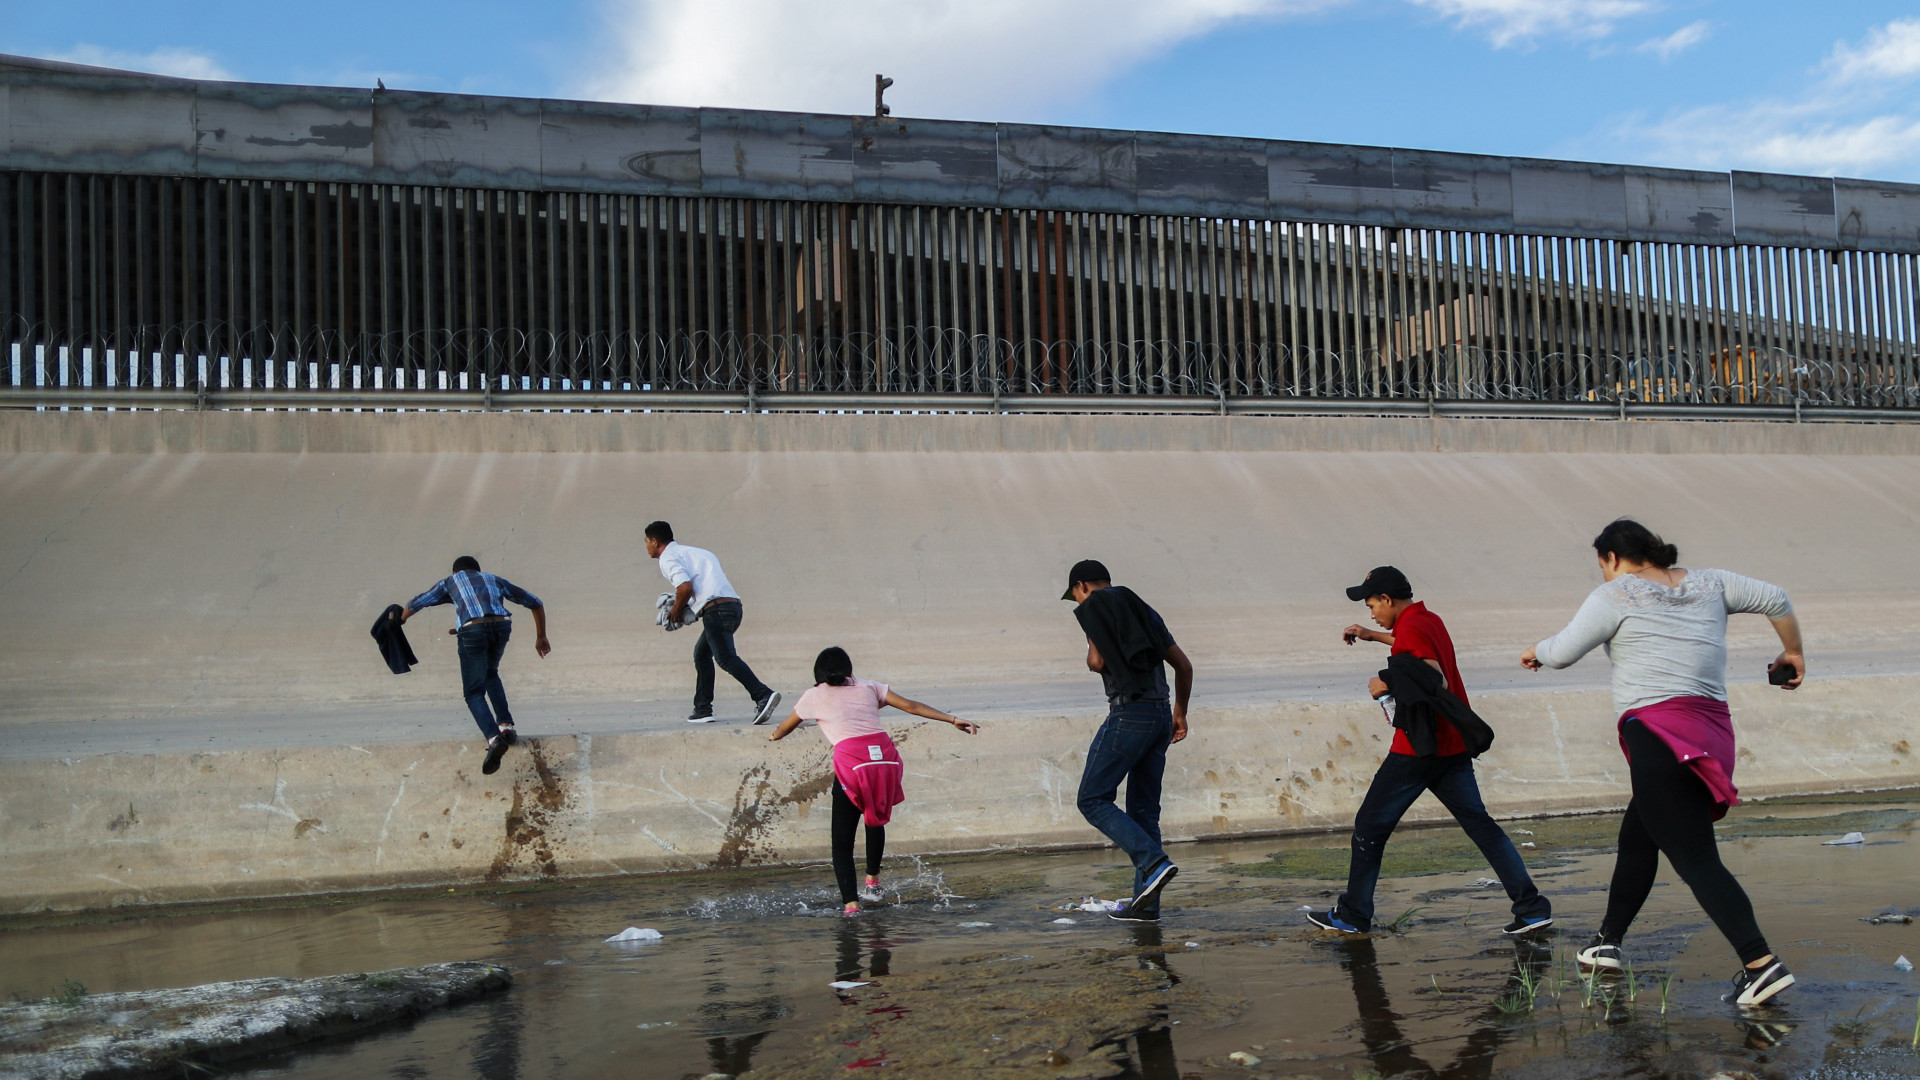 Corte Suprema escucha argumentos en caso que decidirá si beneficiarios del TPS  pueden recibir la residencia | Noticias Univision Inmigración | Univision